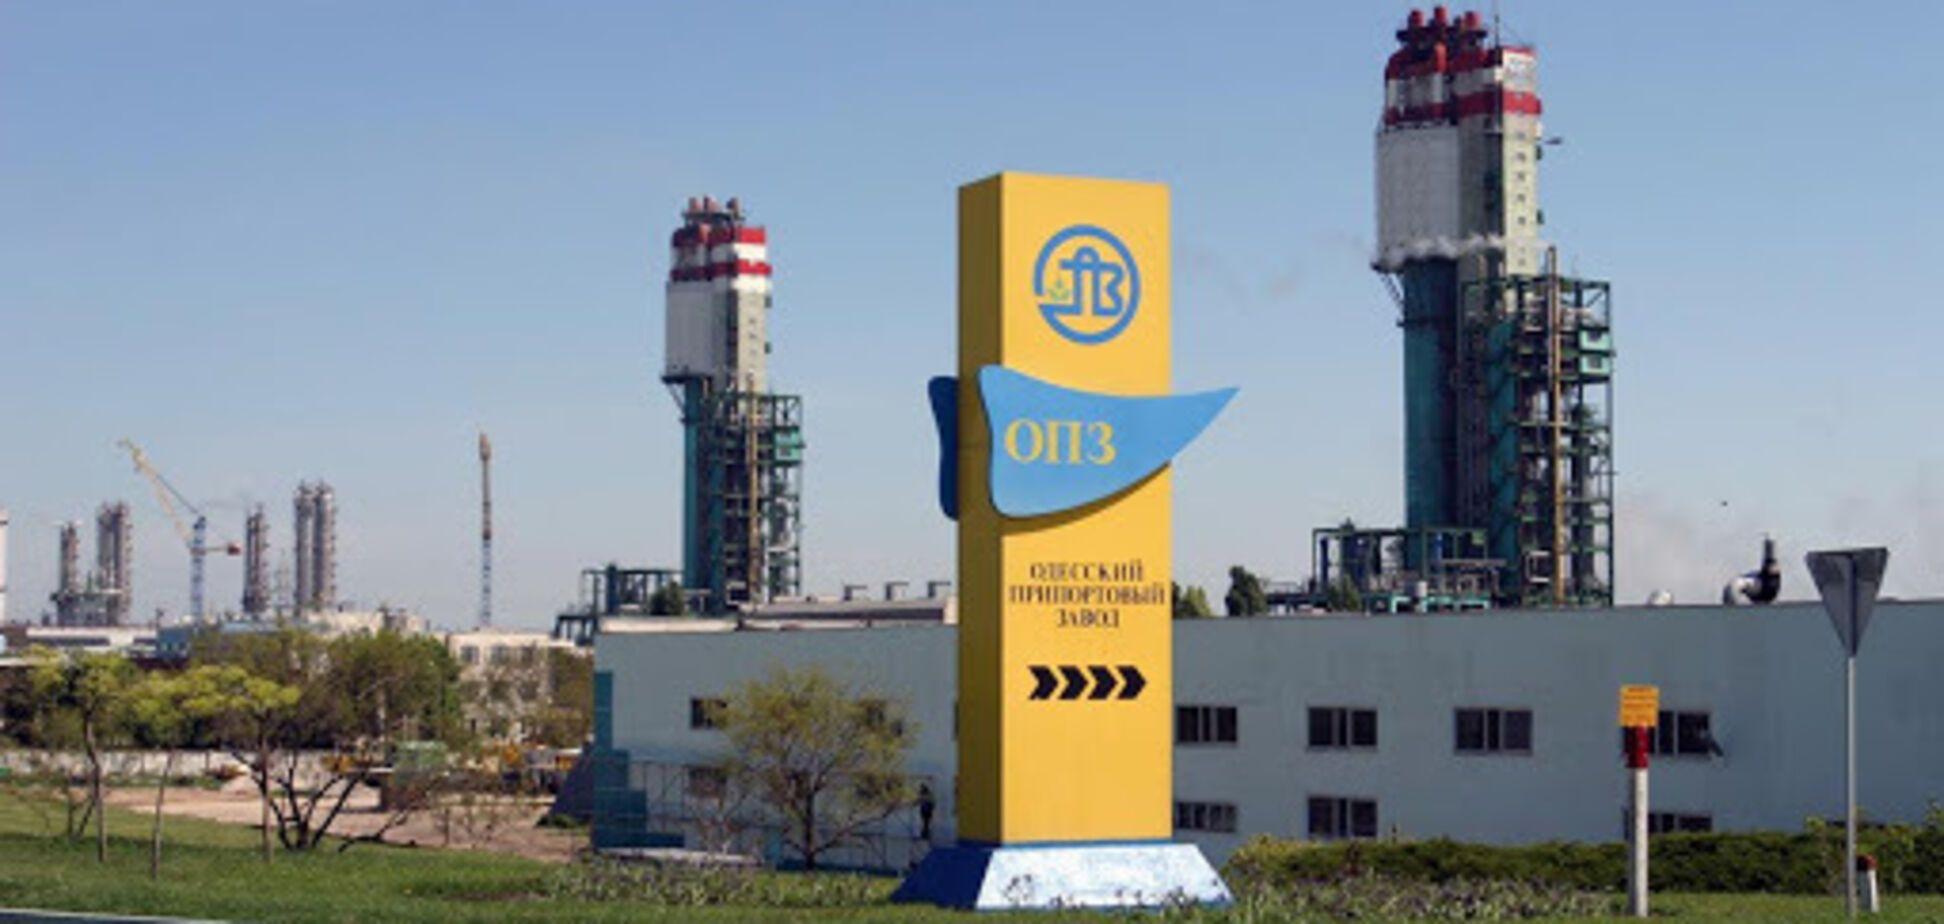 'Агро Газ Трейдинг' останется поставщиком сырья для ОПЗ ещё на четыре месяца